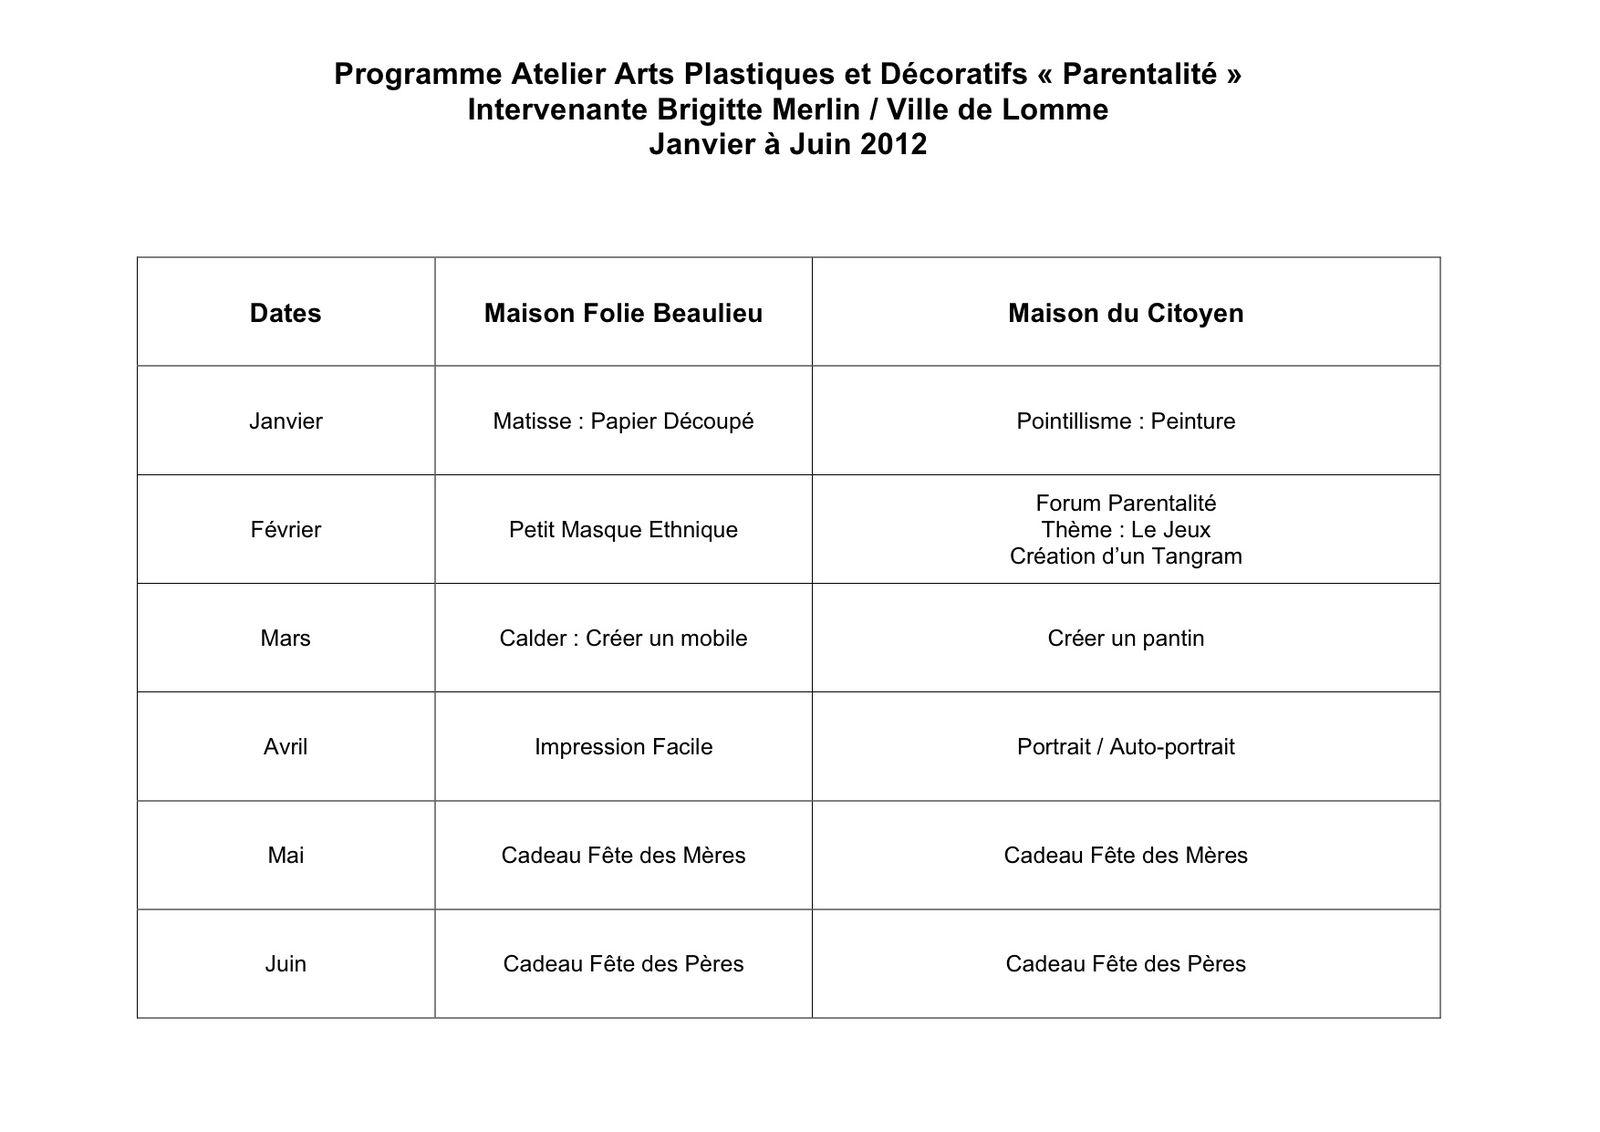 Programme Parentalité 2012